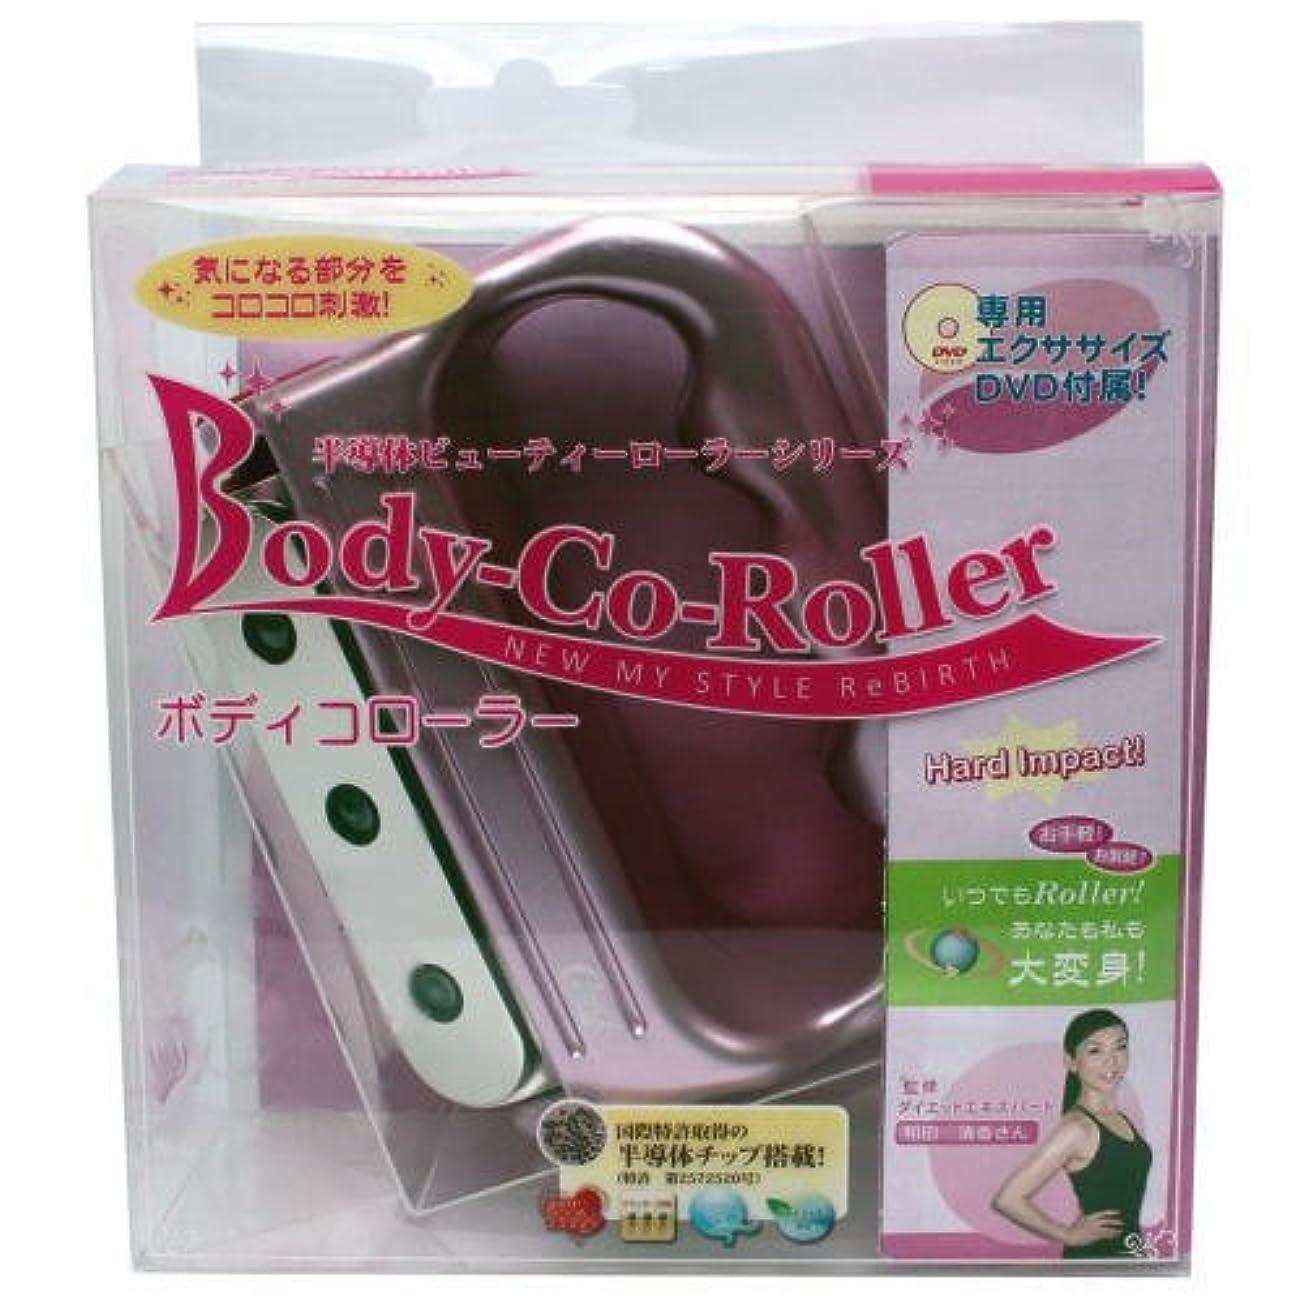 ありふれたレンディションクレジットボディコローラー BCR-PS DVD付モデル